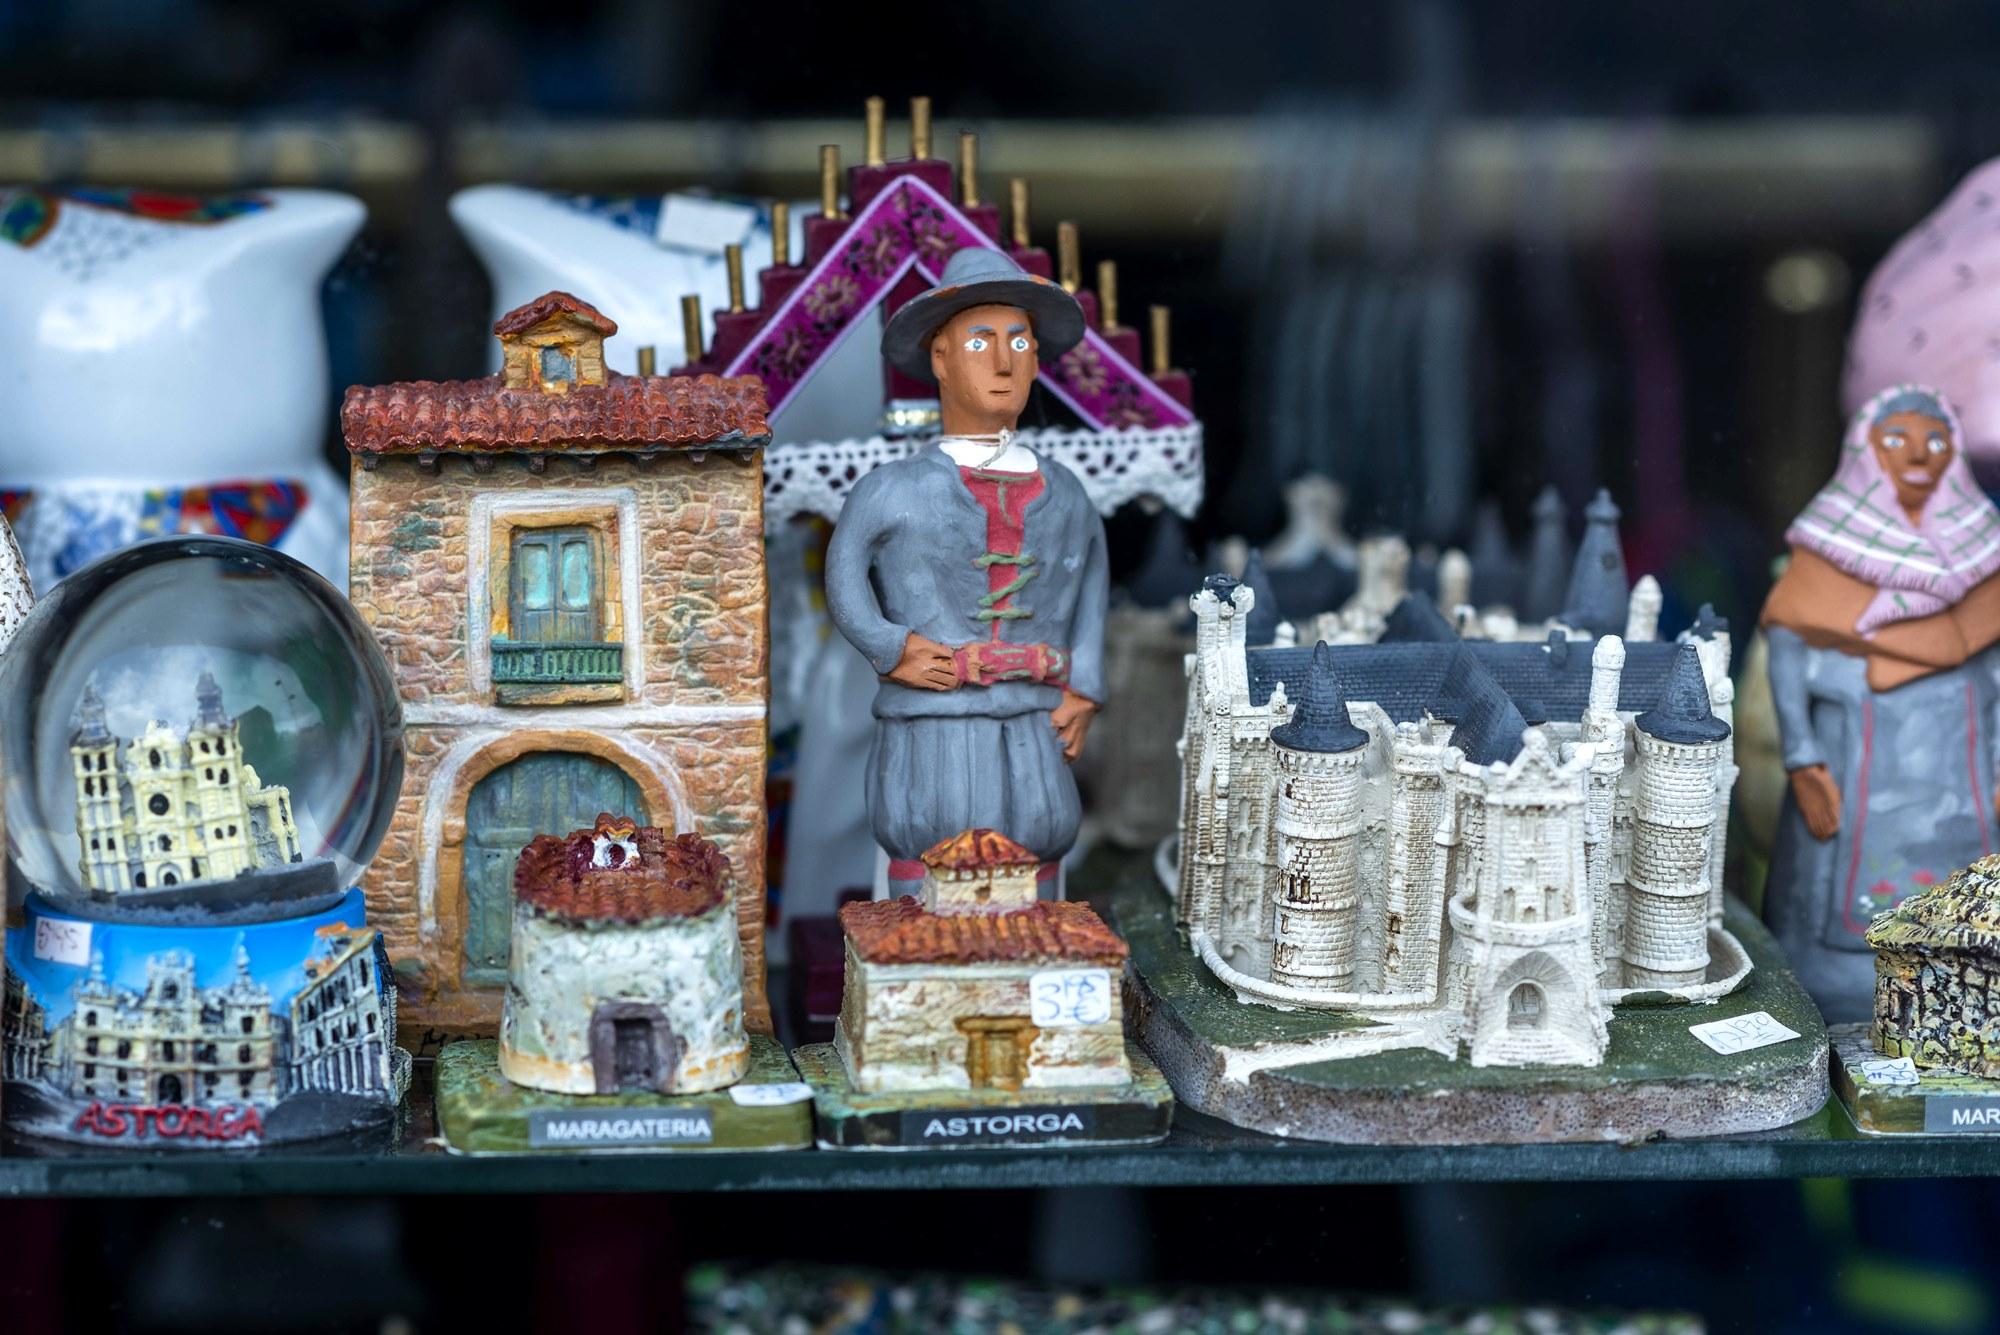 'Souvenirs' que retratan la riqueza de Astorga y los maragatos.